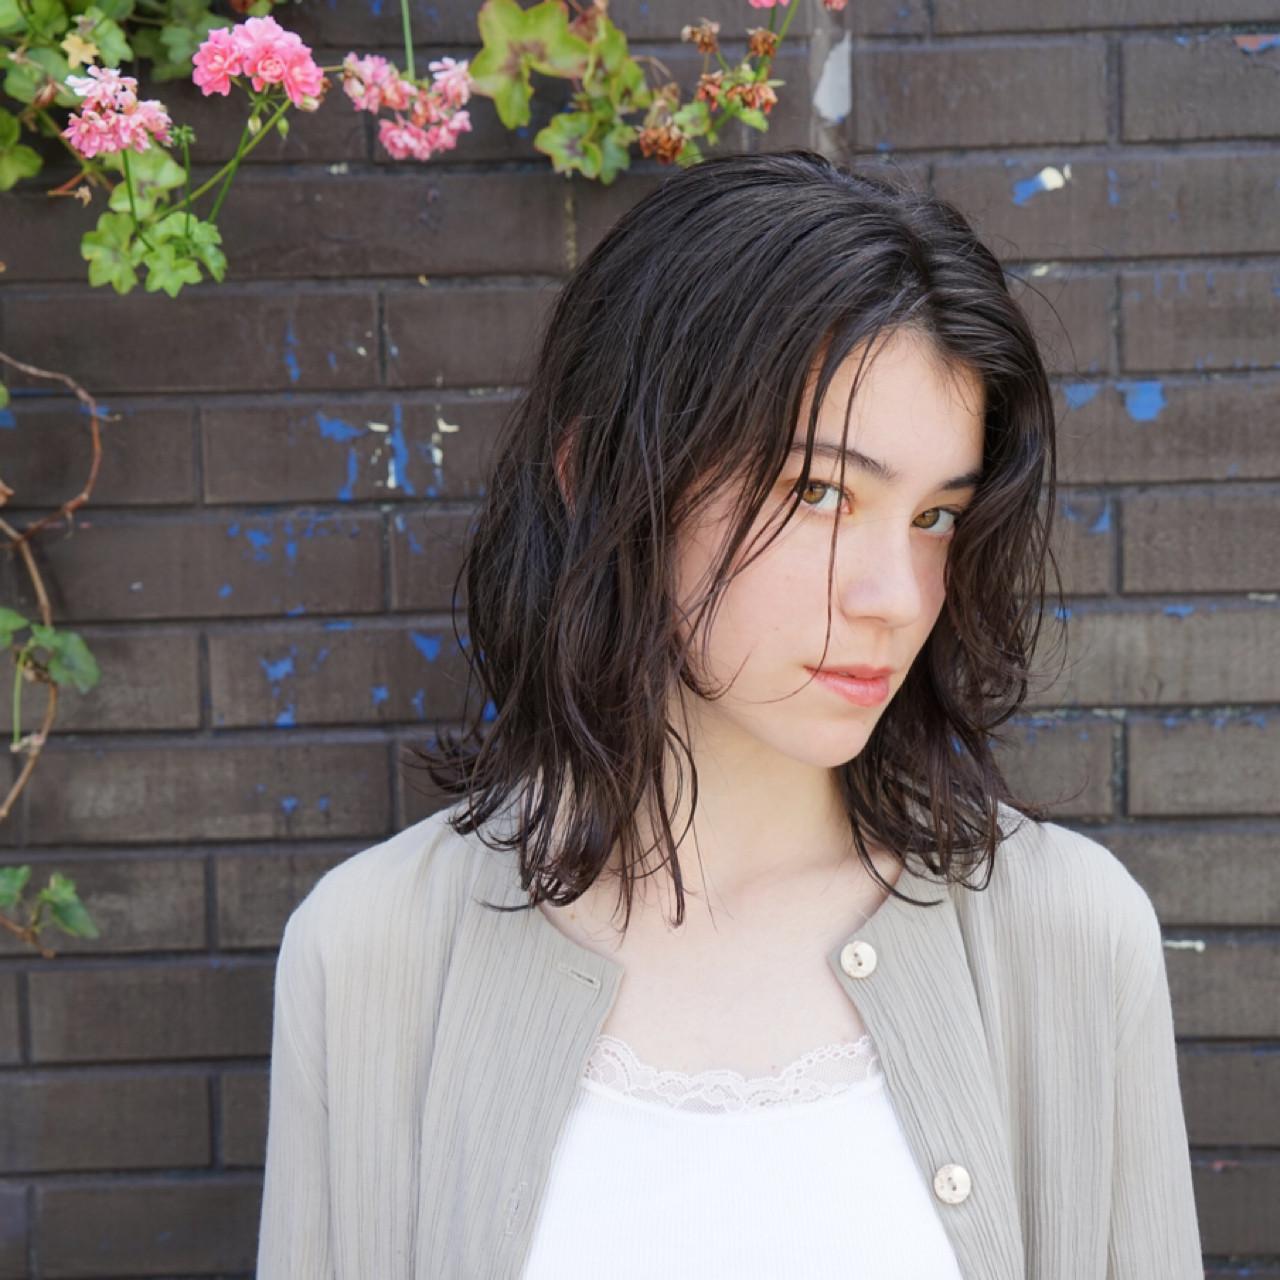 ボブ ロブ 女子会 ウェーブ ヘアスタイルや髪型の写真・画像